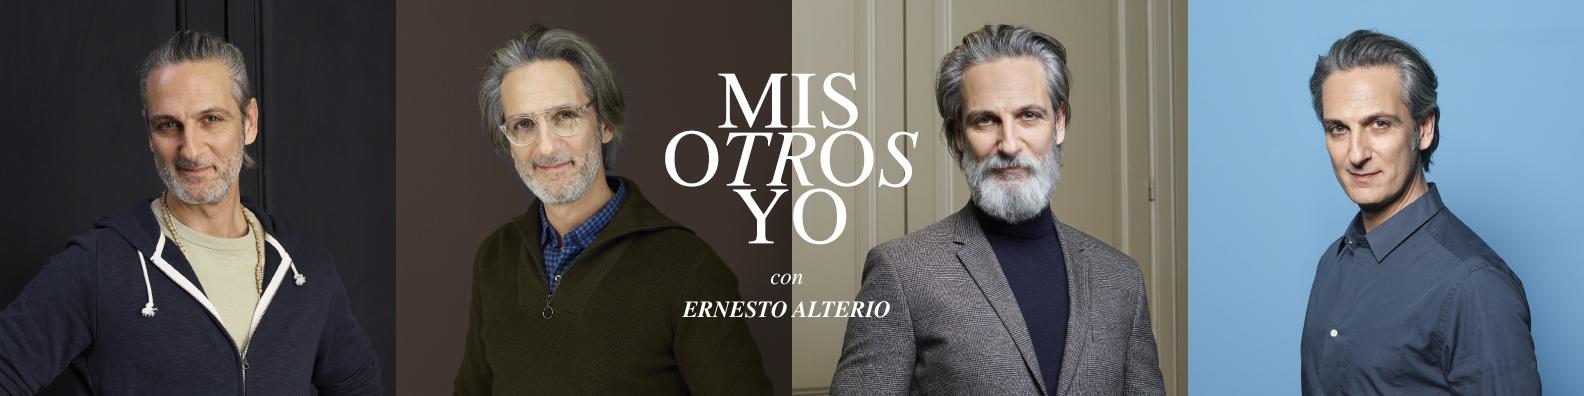 Banco Mediolanum Mis otros yo Ernesto Alterio